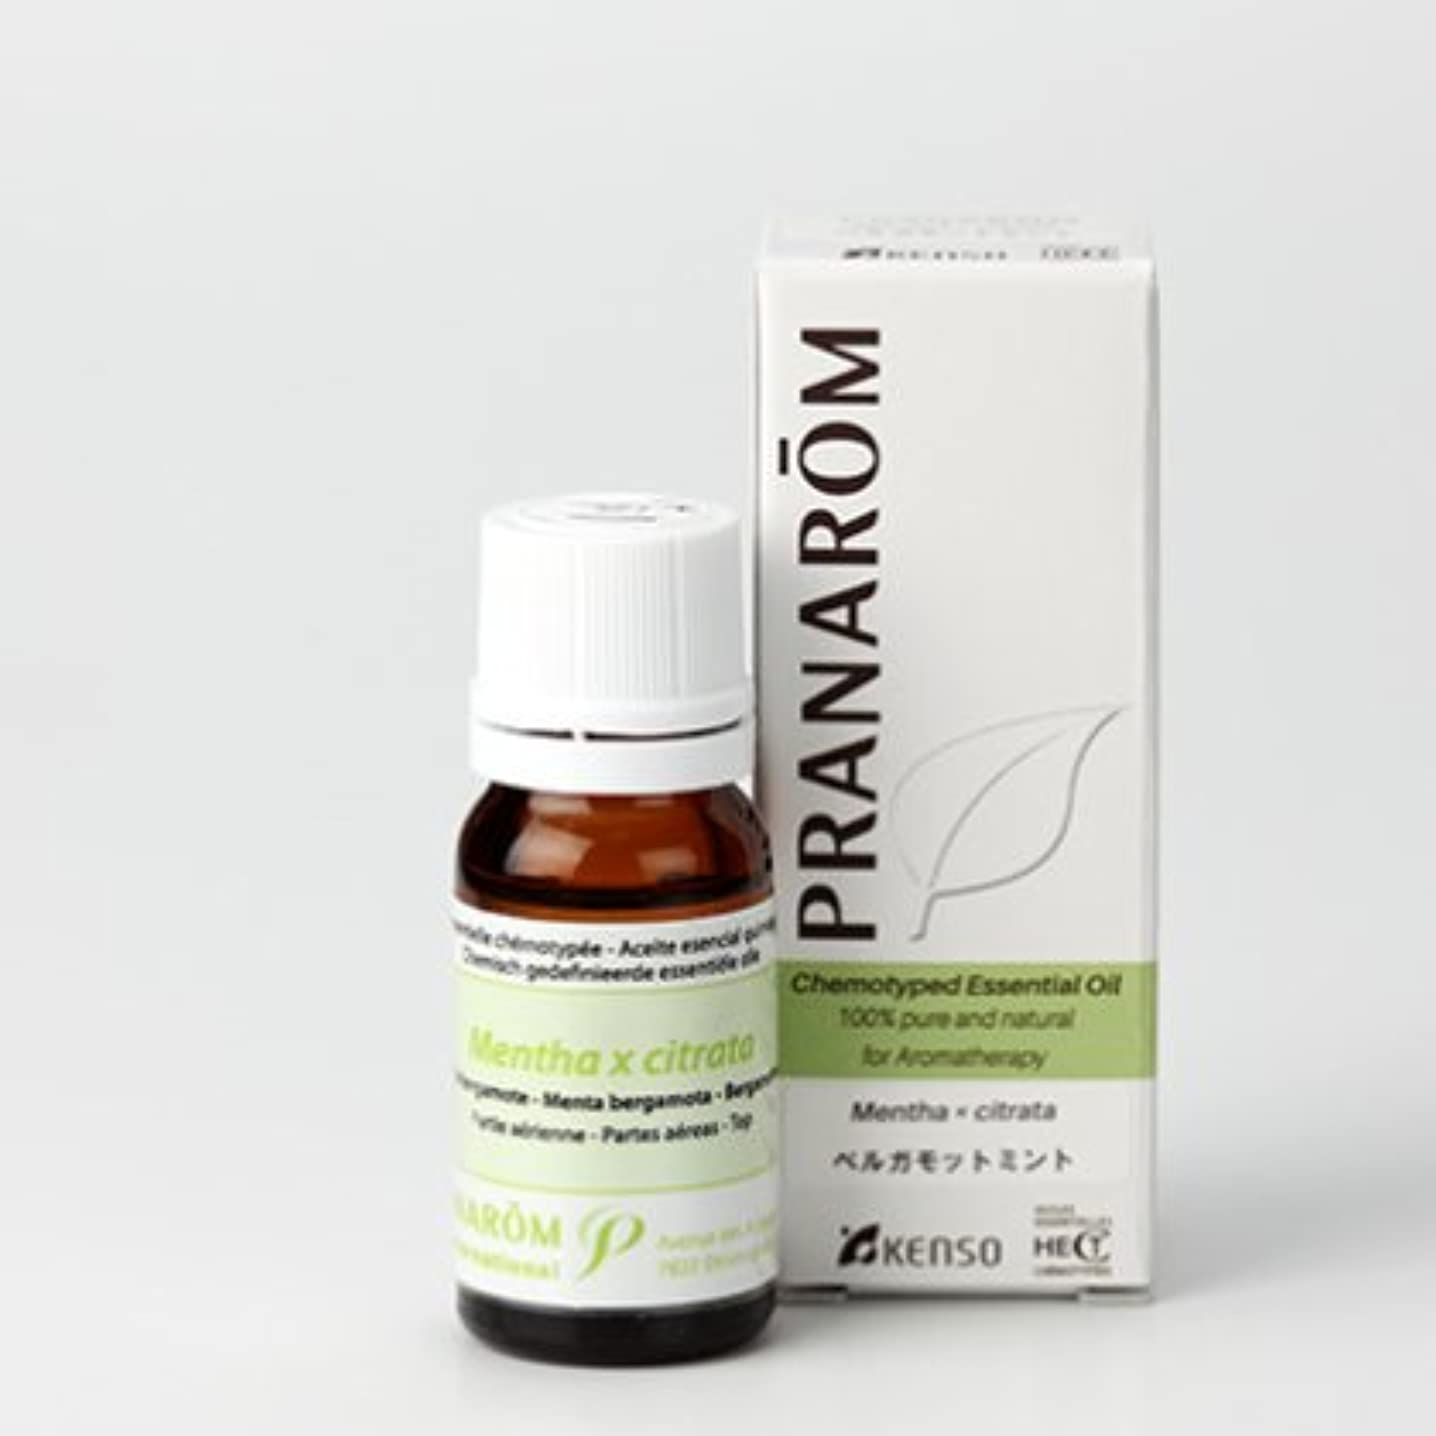 穀物染色懇願するベルガモットミント 10mlトップノート プラナロム社エッセンシャルオイル(精油)